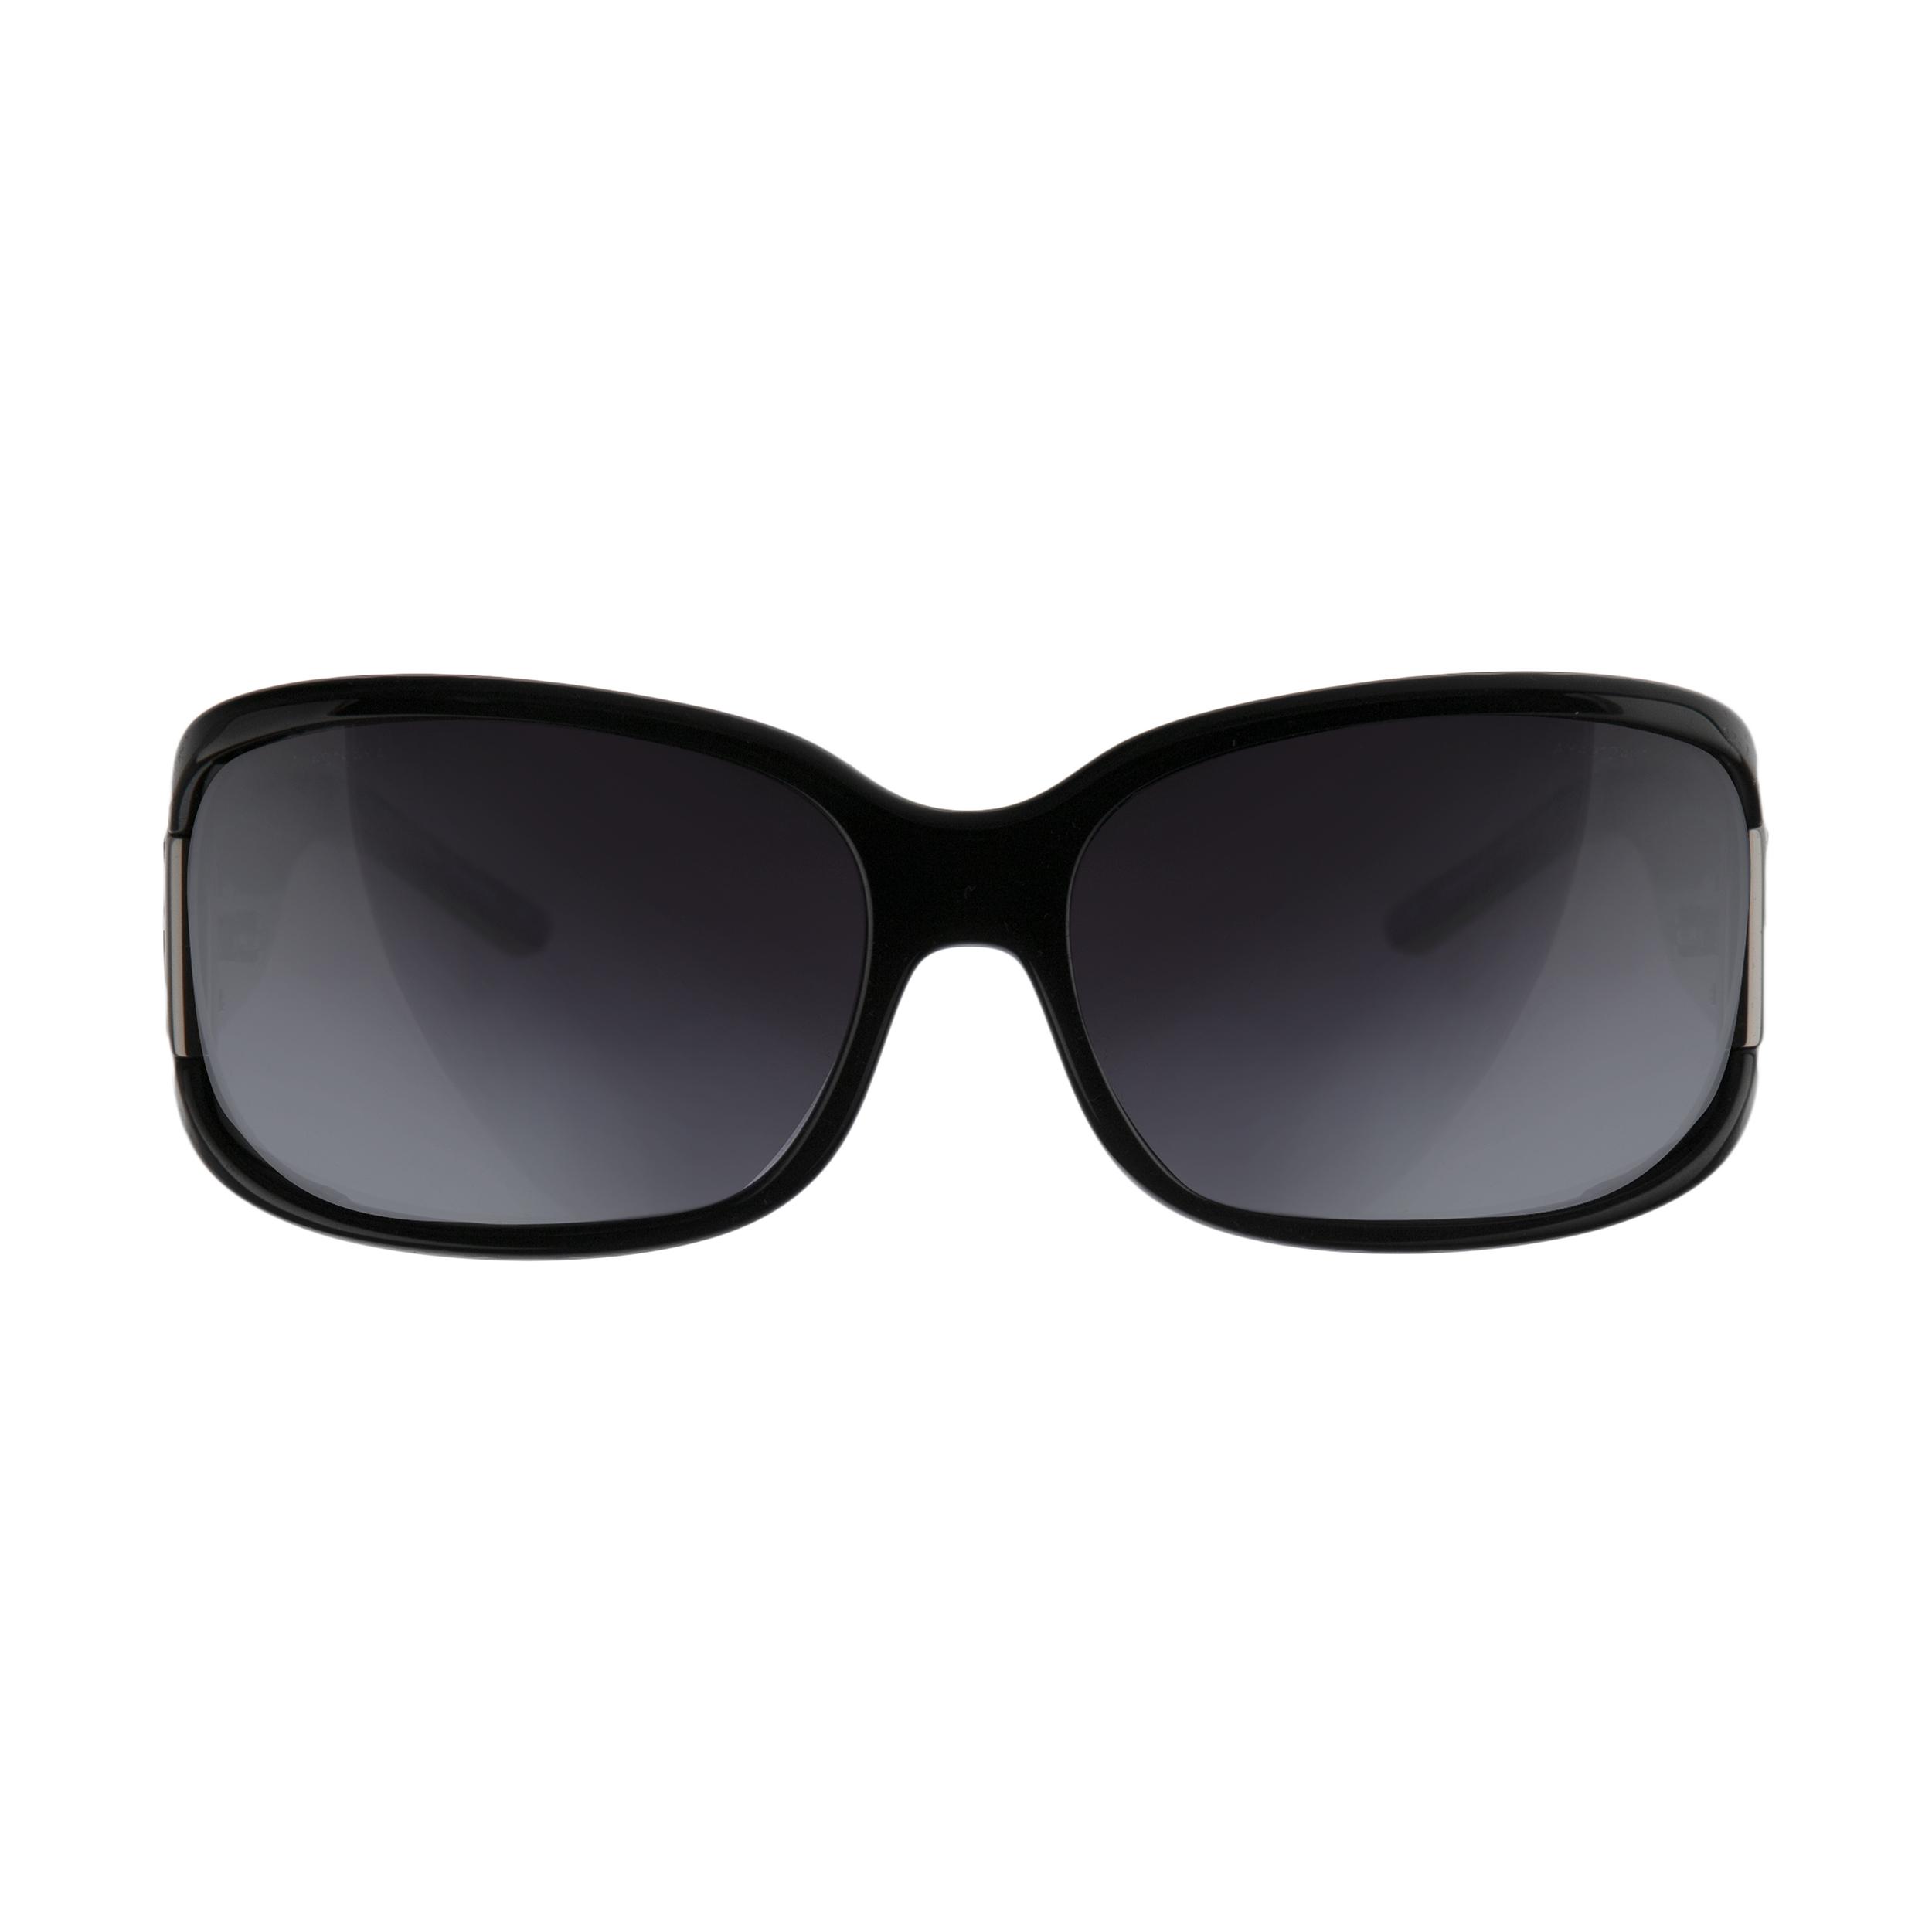 عینک آفتابی زنانه بربری مدل BE 4071S 316411 61